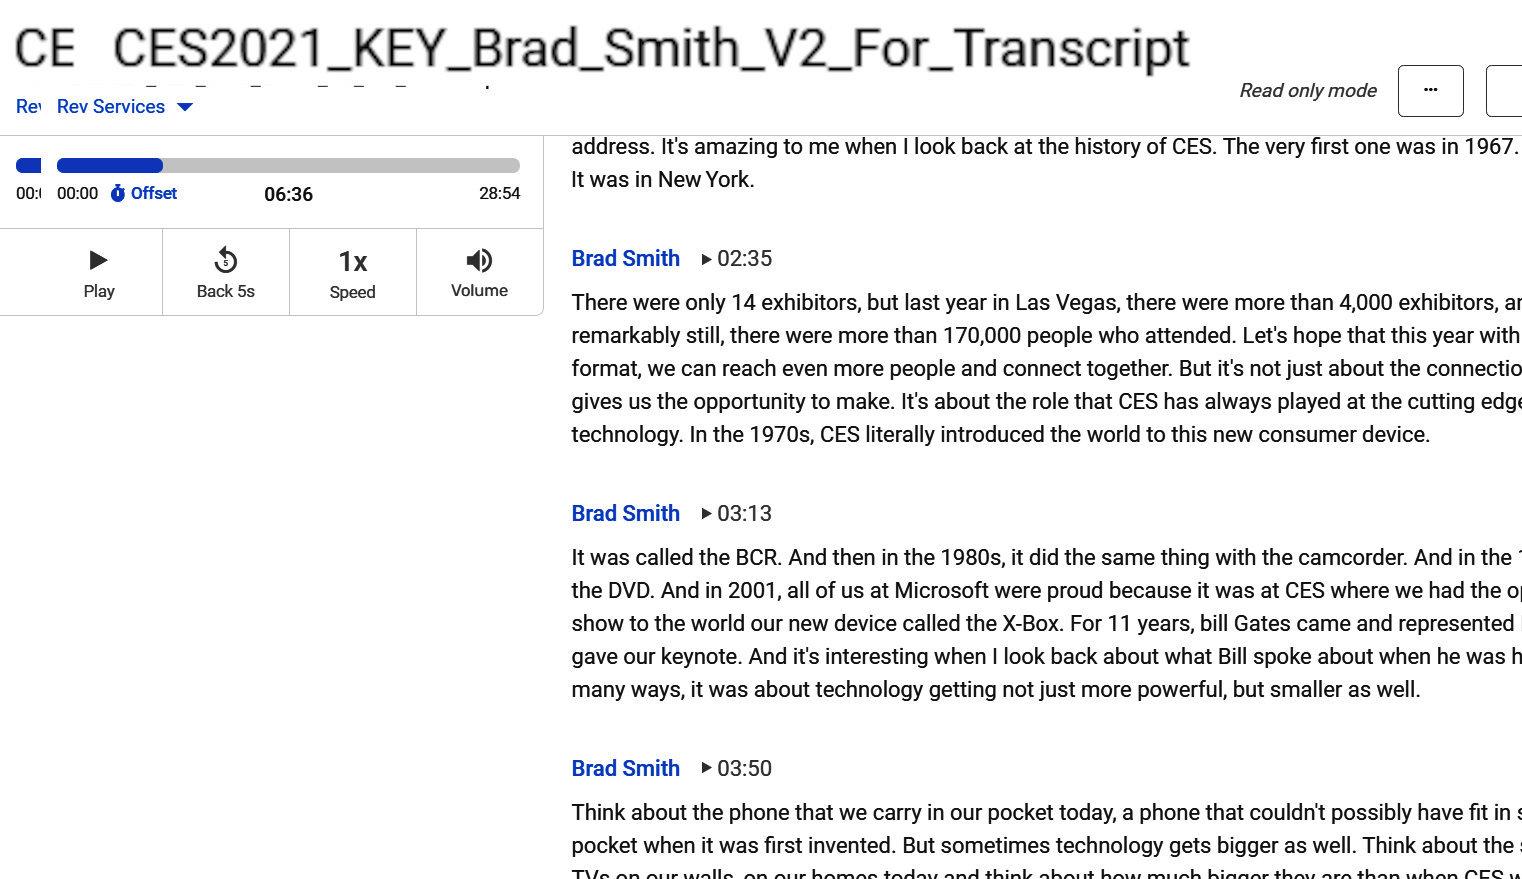 これからの時代、自動翻訳機の誤訳を見抜く英語力が必要になる⁉_b0007805_20555656.jpg